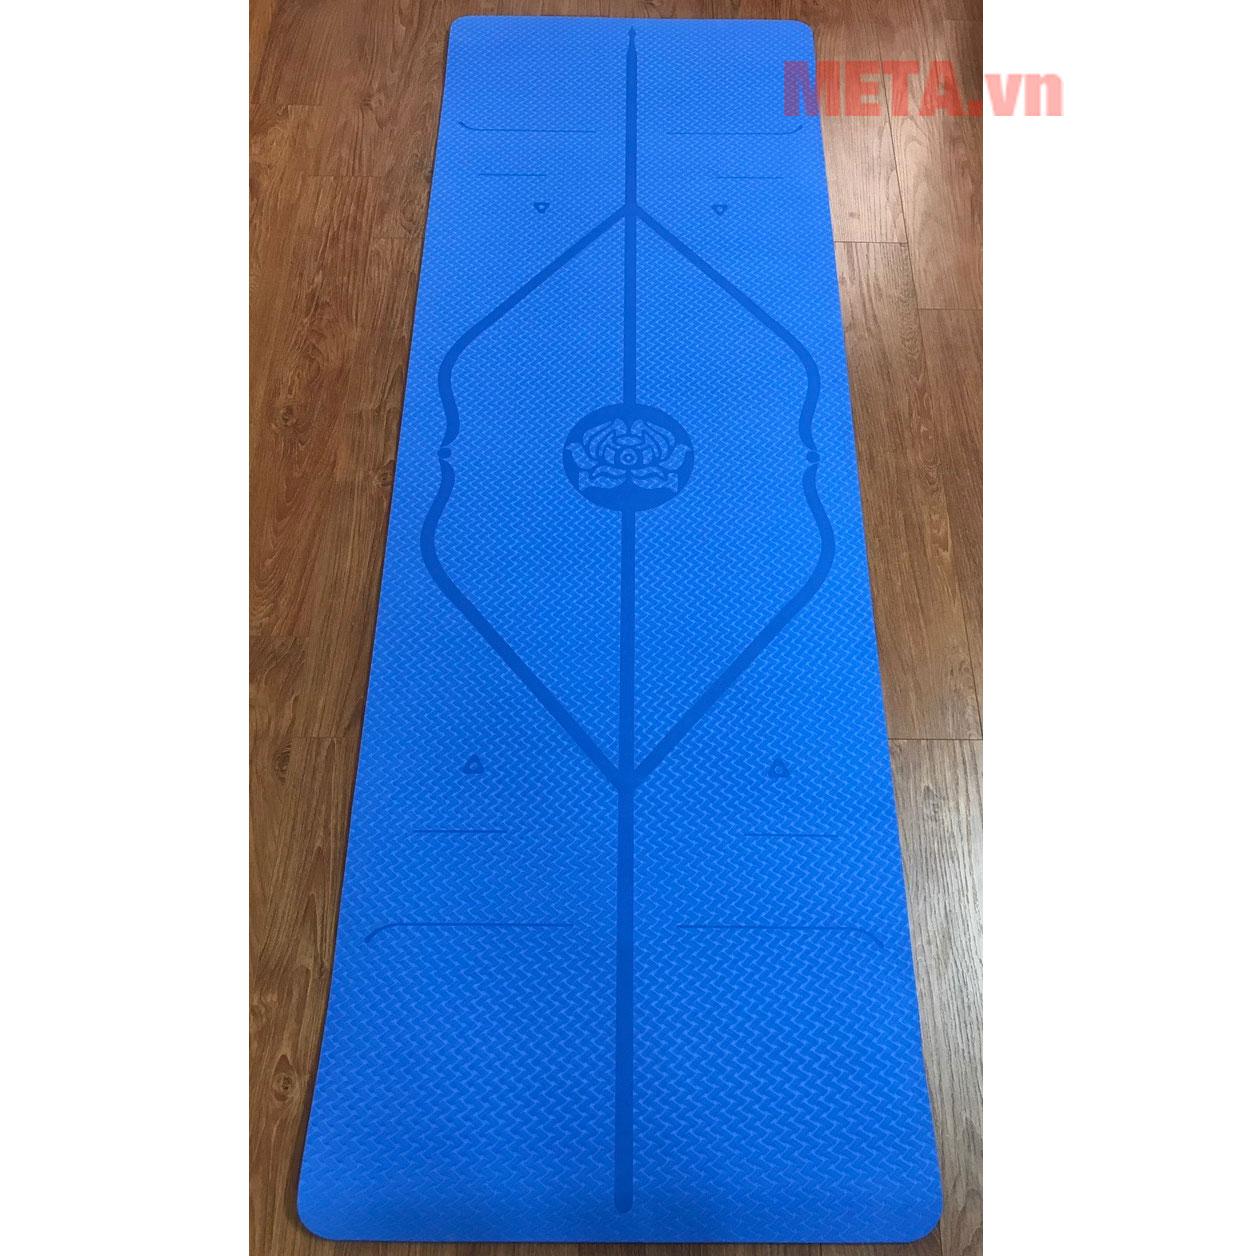 Thảm yoga xanh dương nhạt 8mm